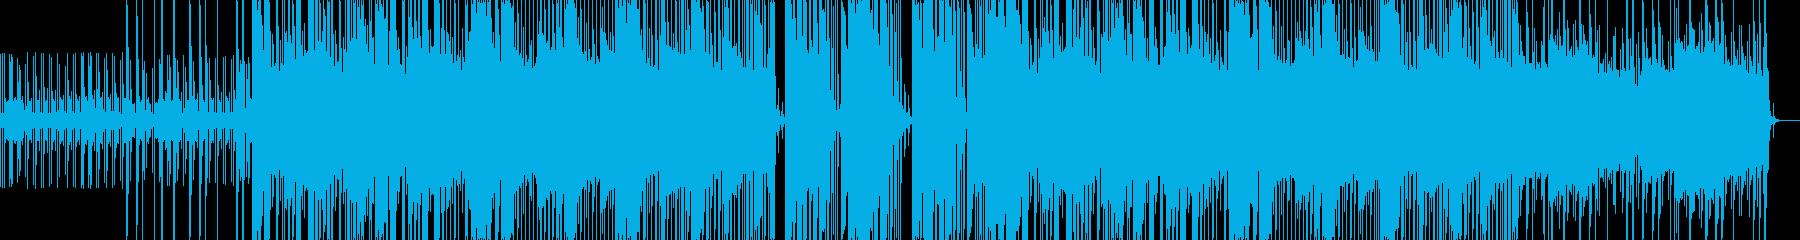 【クリスマス】藍色のサリーの再生済みの波形